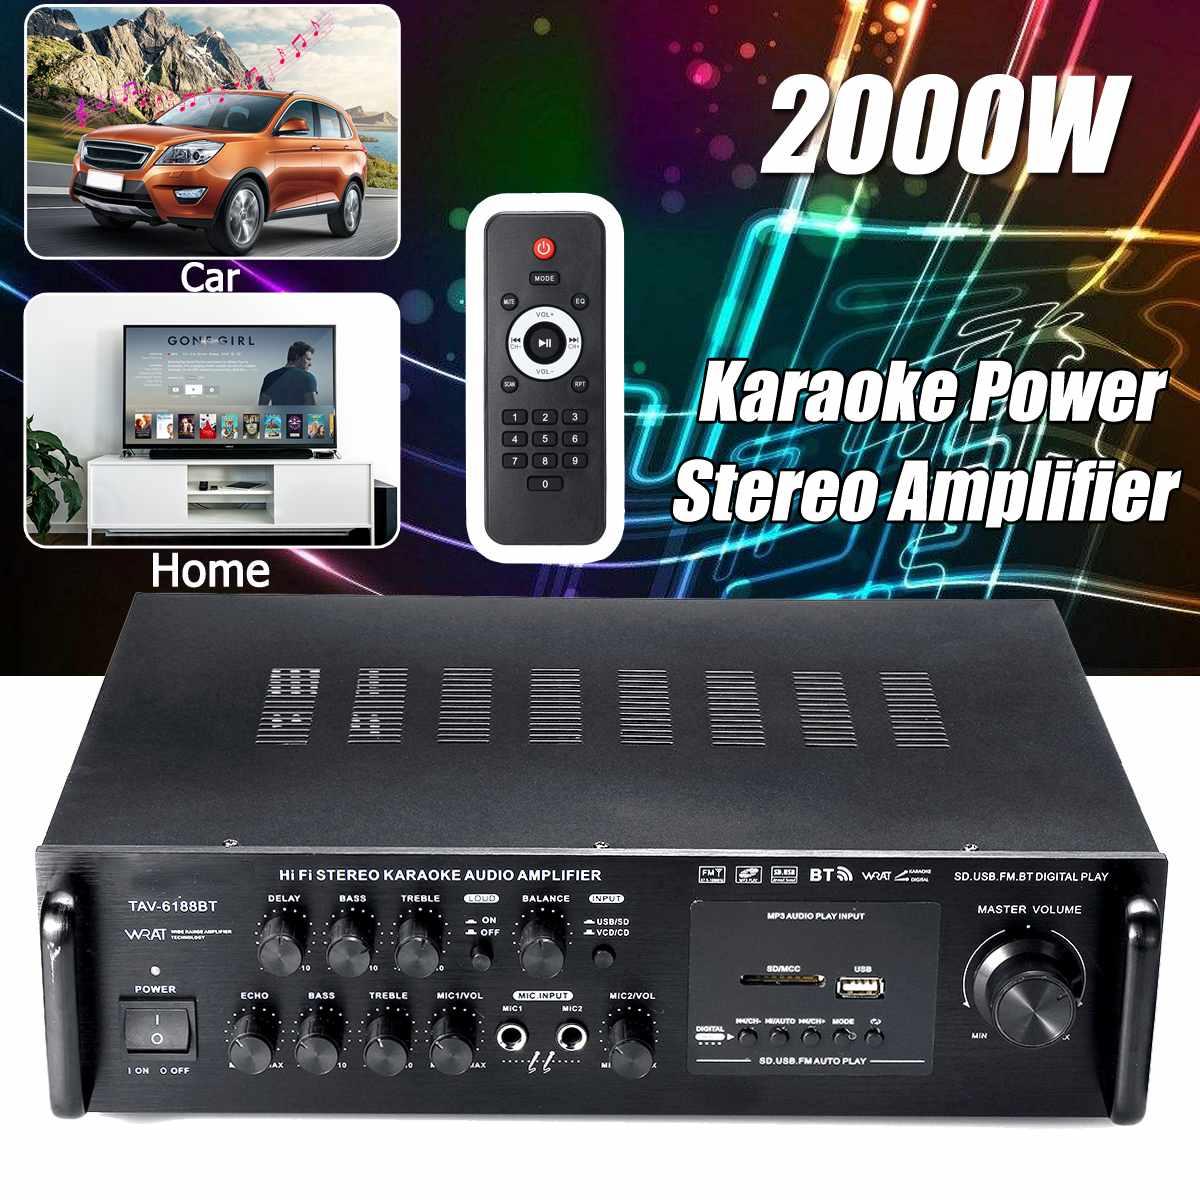 2000 W amplificateur audio Maison De Voiture Son Bluetooth cadeaux souvenirs Karaoké amplificateur de puissance haut-parleur usb SD FM BT Lecteur